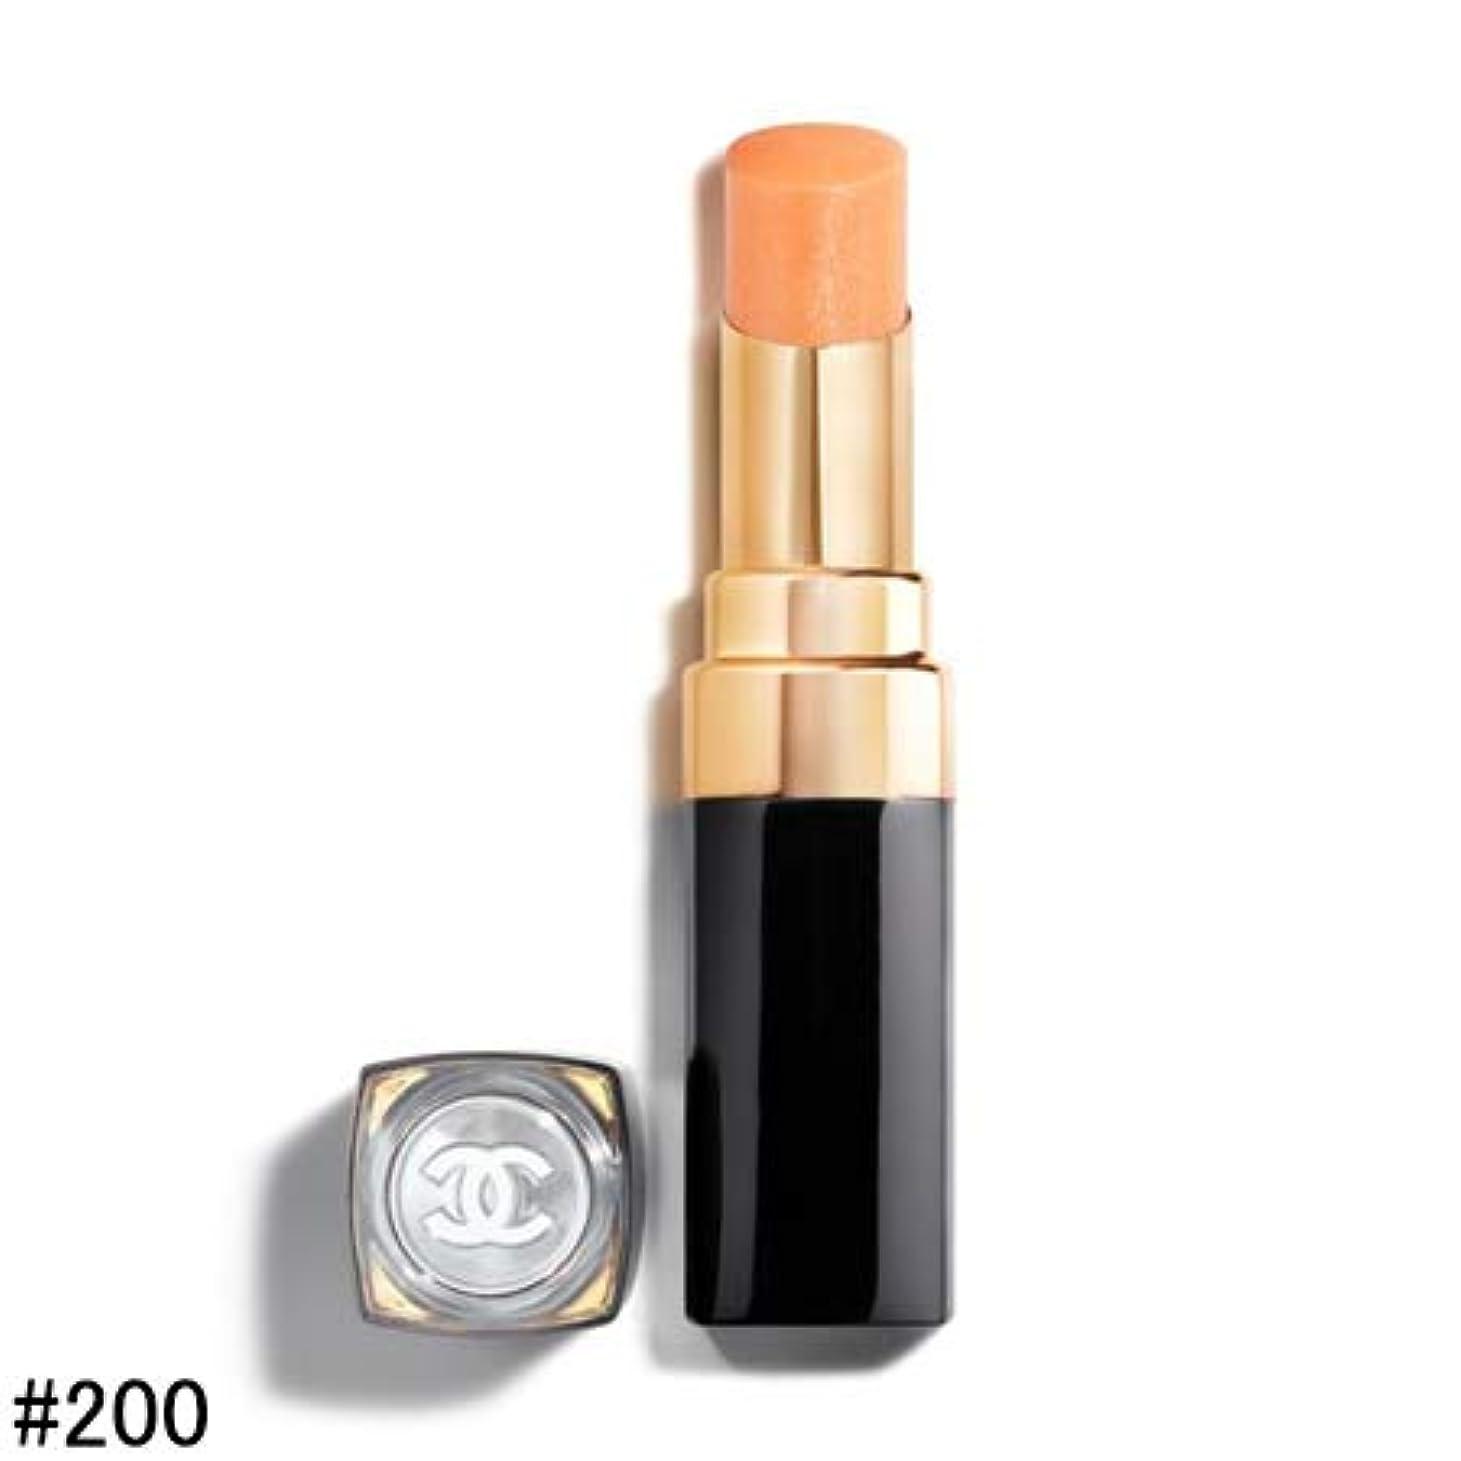 自動固執ネブシャネル ルージュ ココ フラッシュ トップ コート #200 ライト アップ -CHANEL-